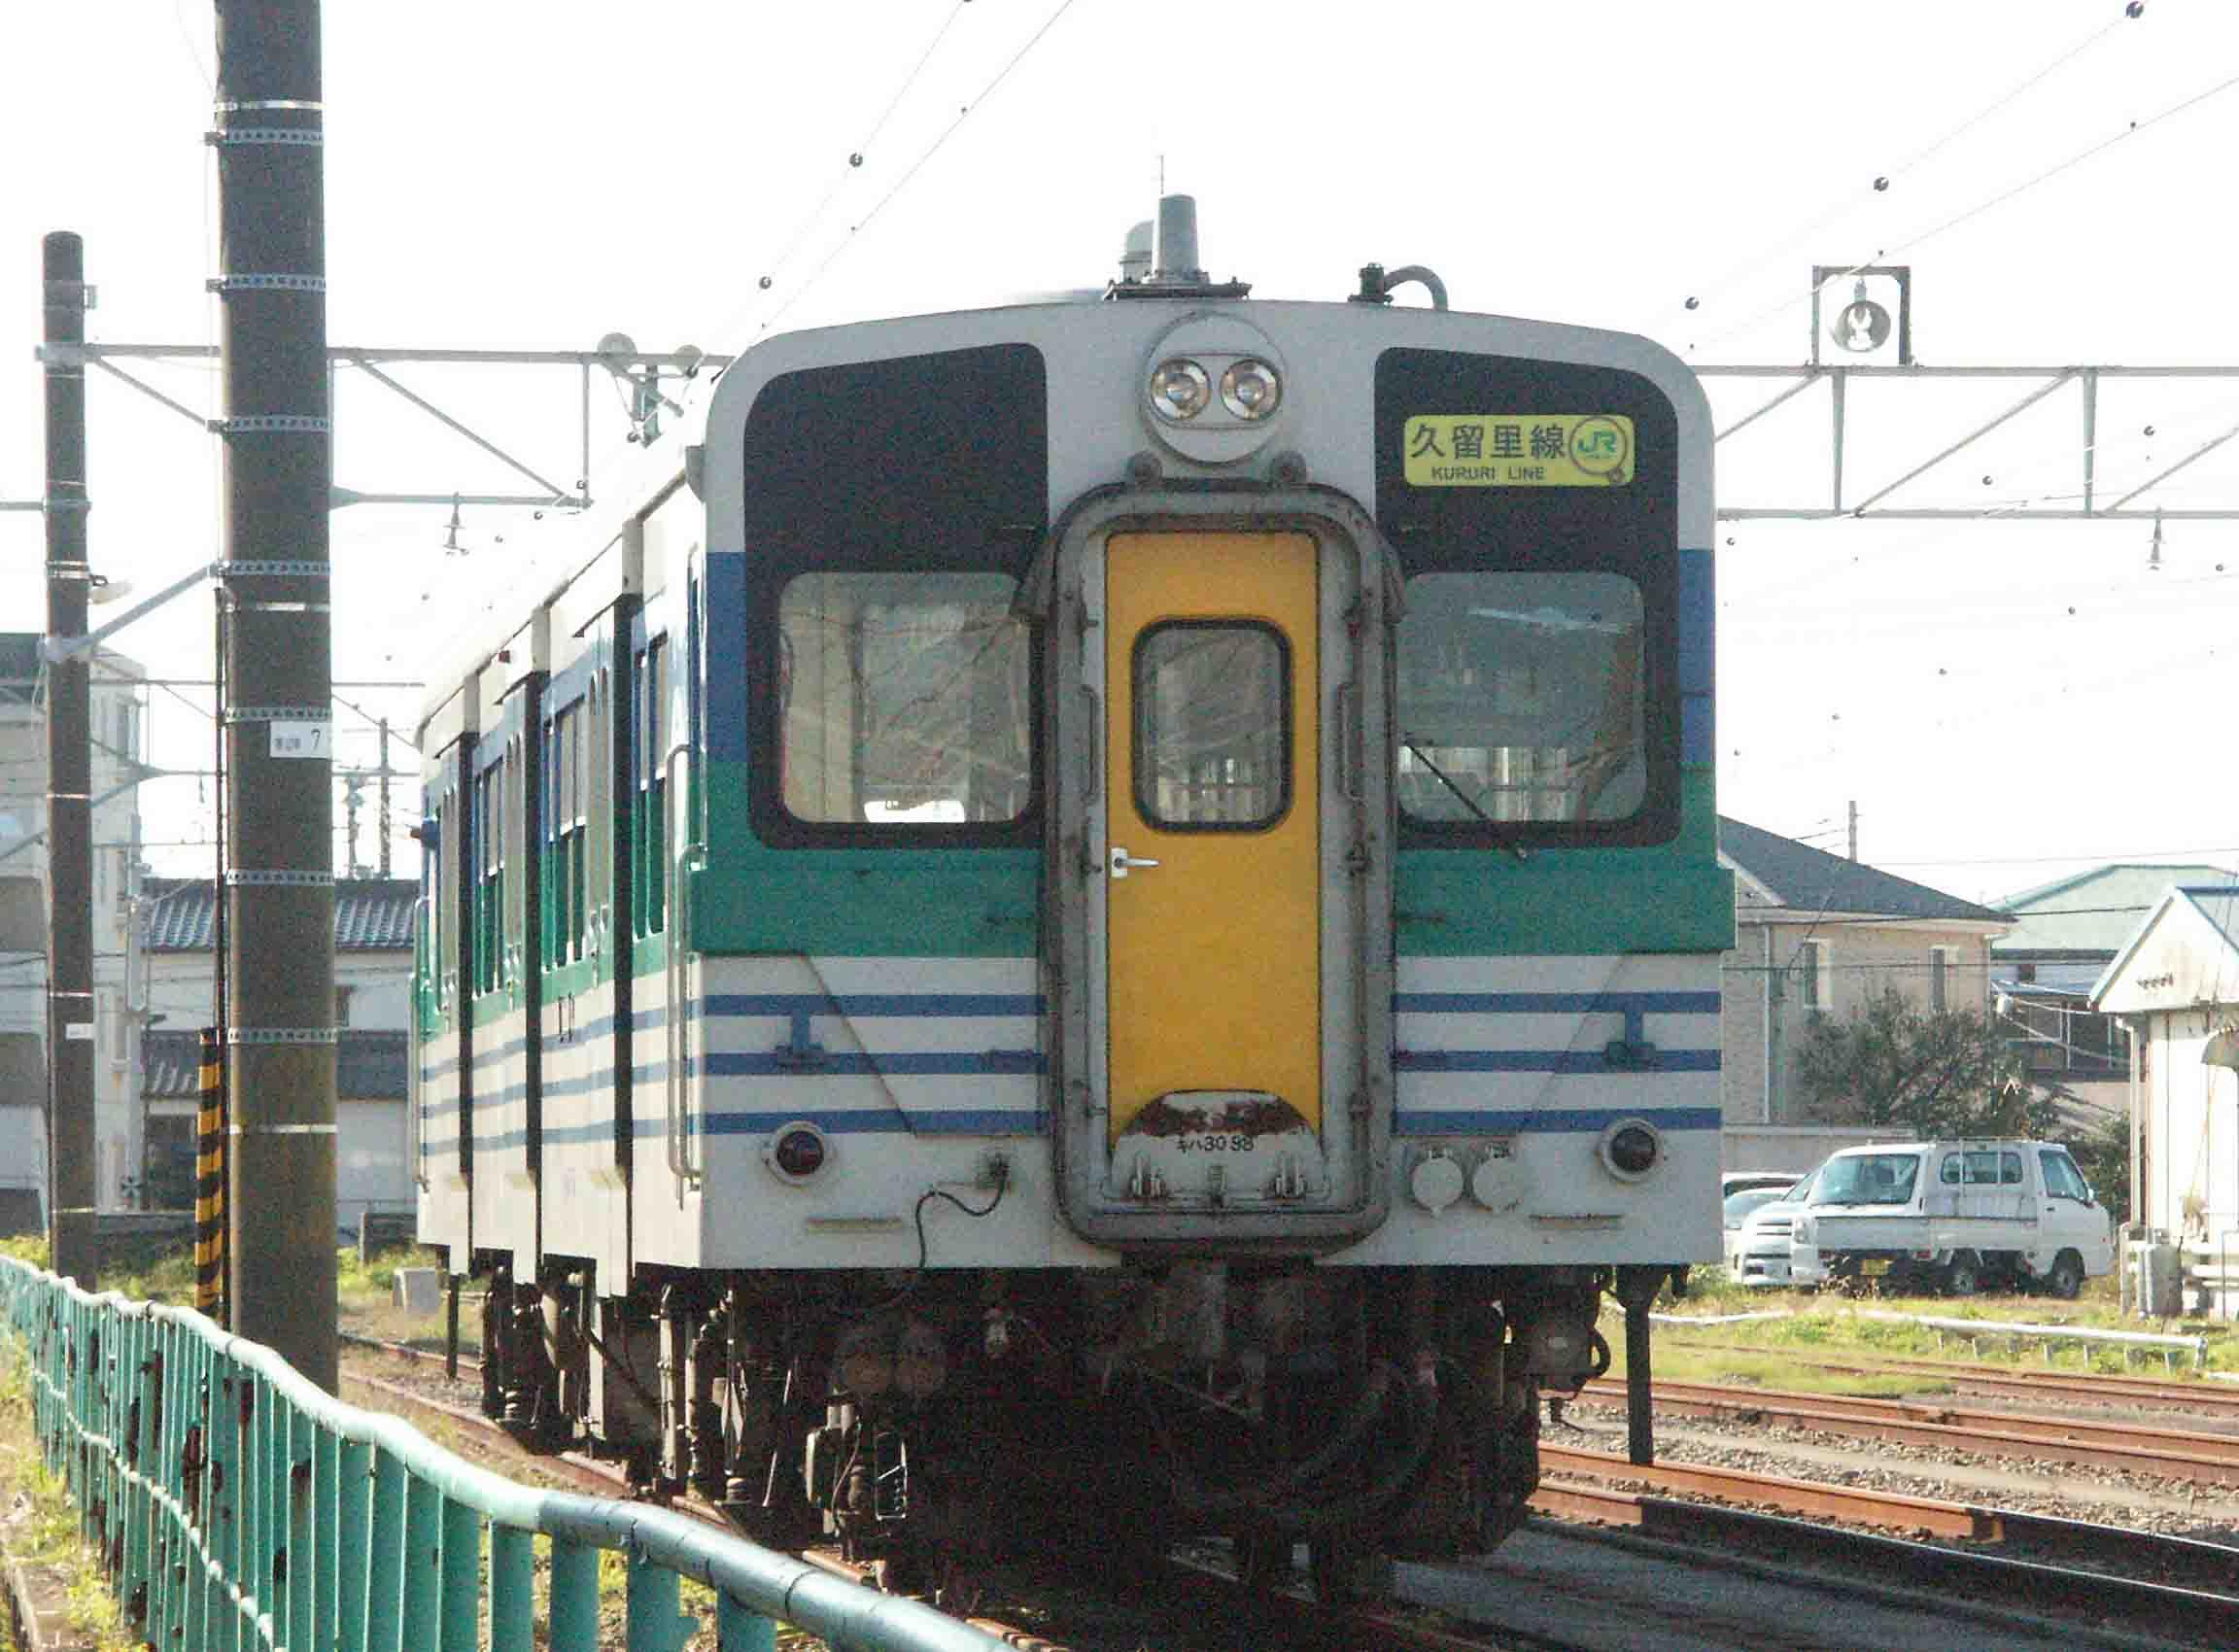 20081129小湊鉄道 019B